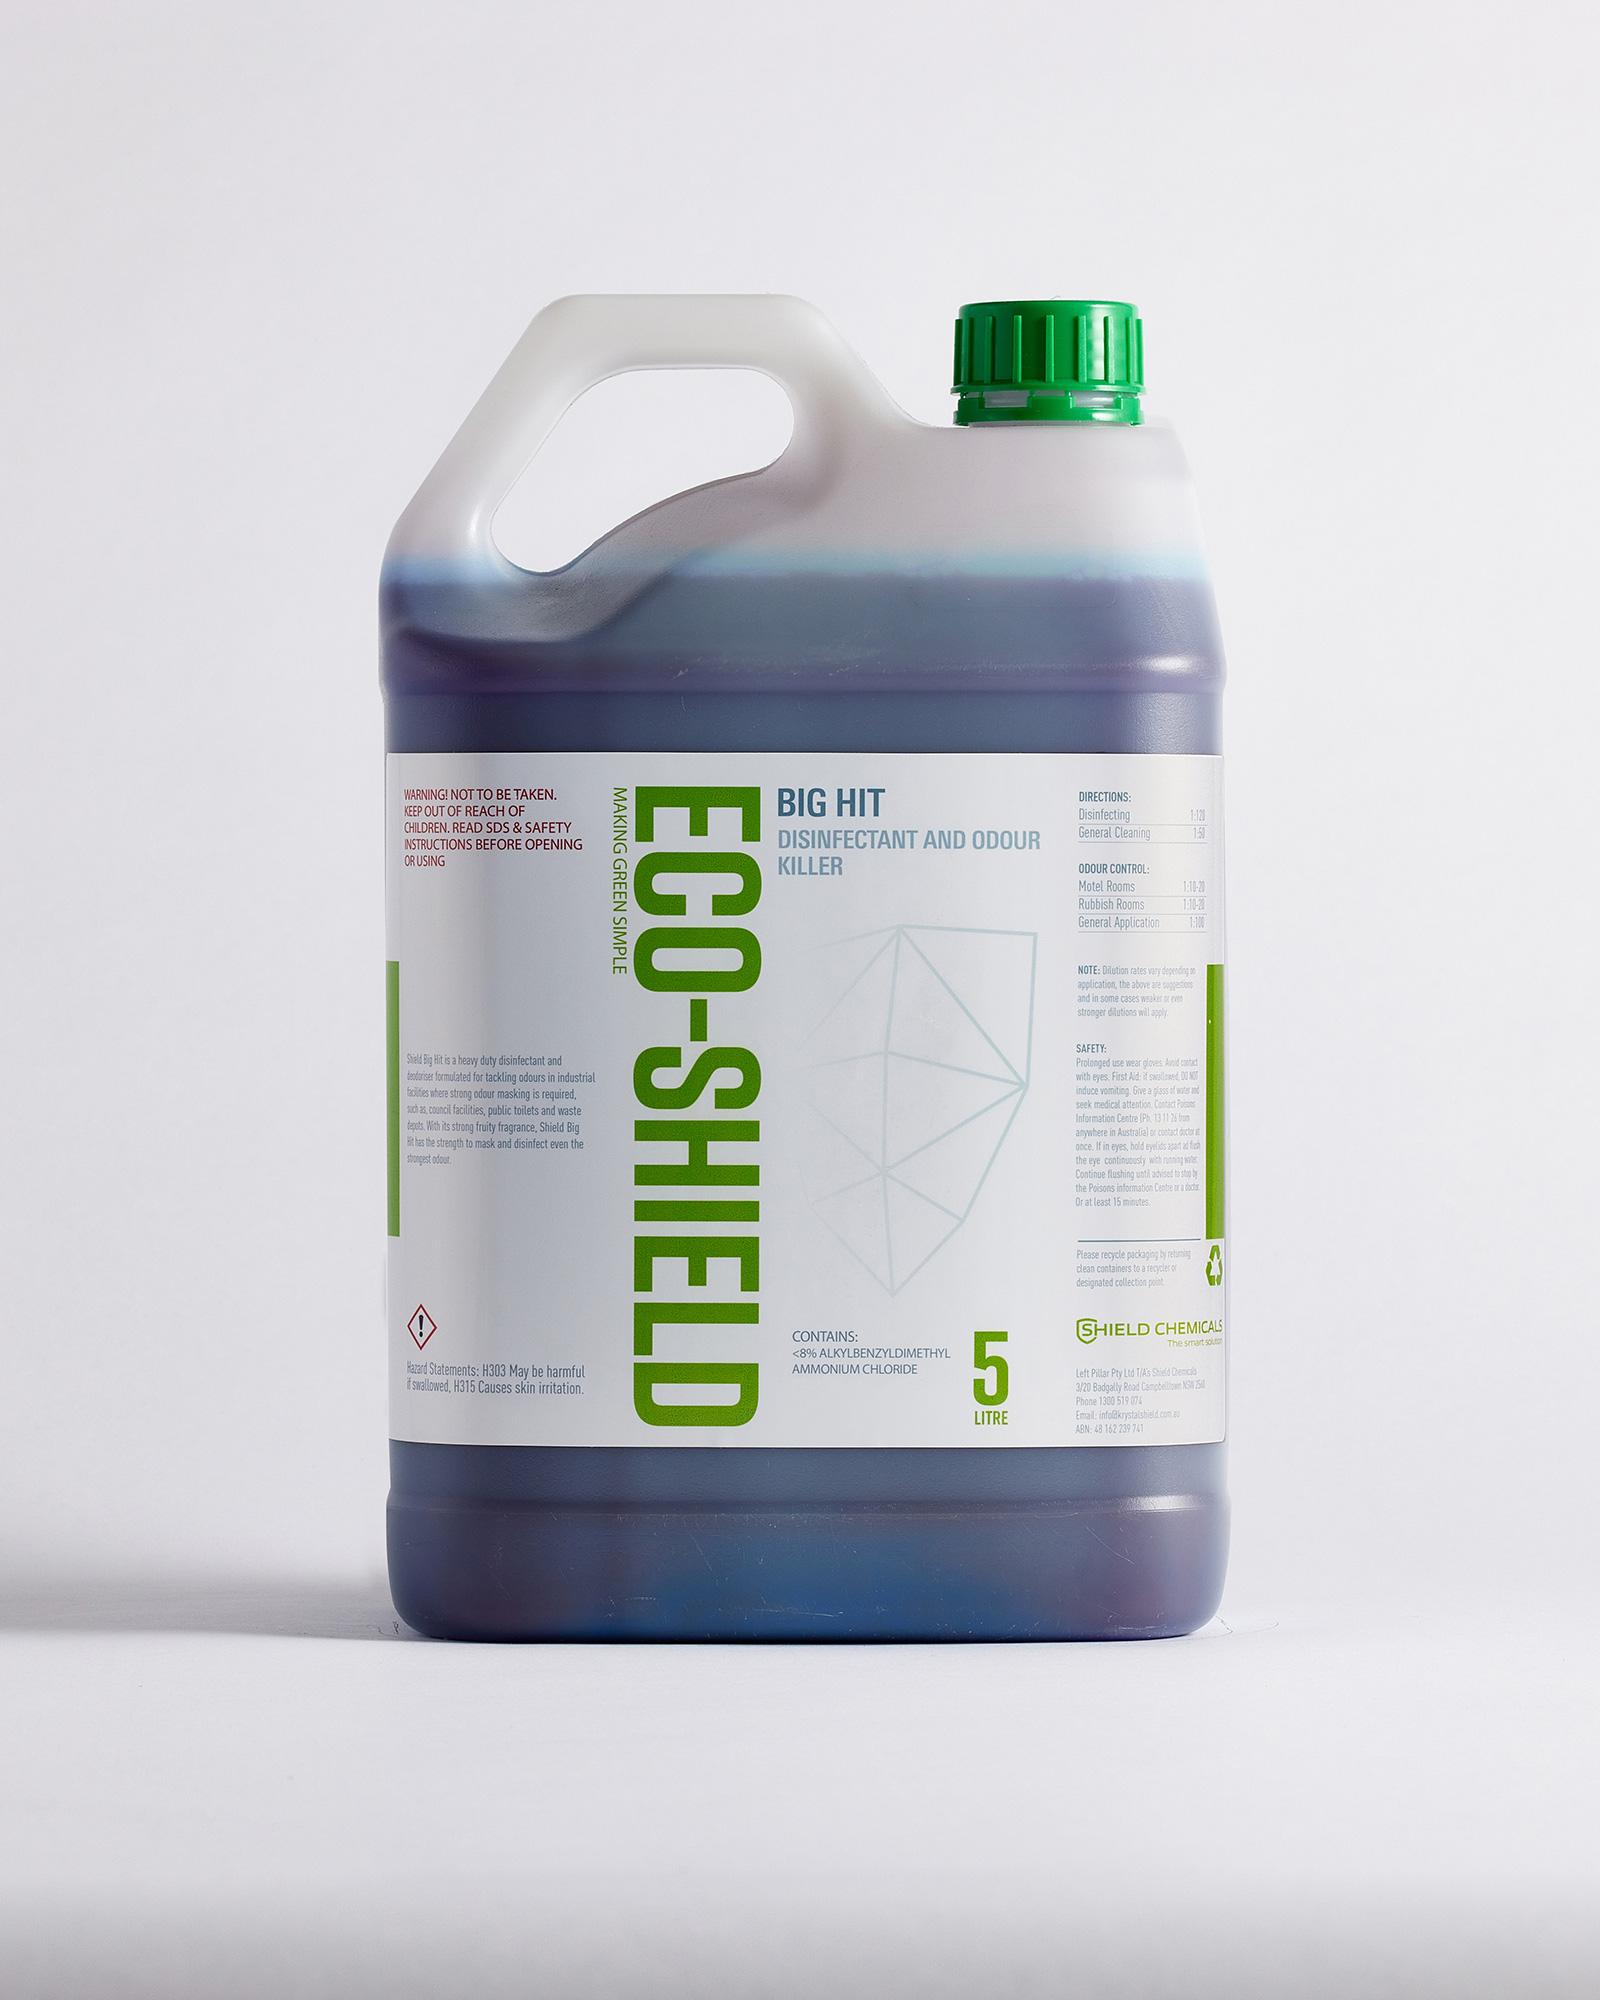 Big Hit Disinfectant and Deodoriser